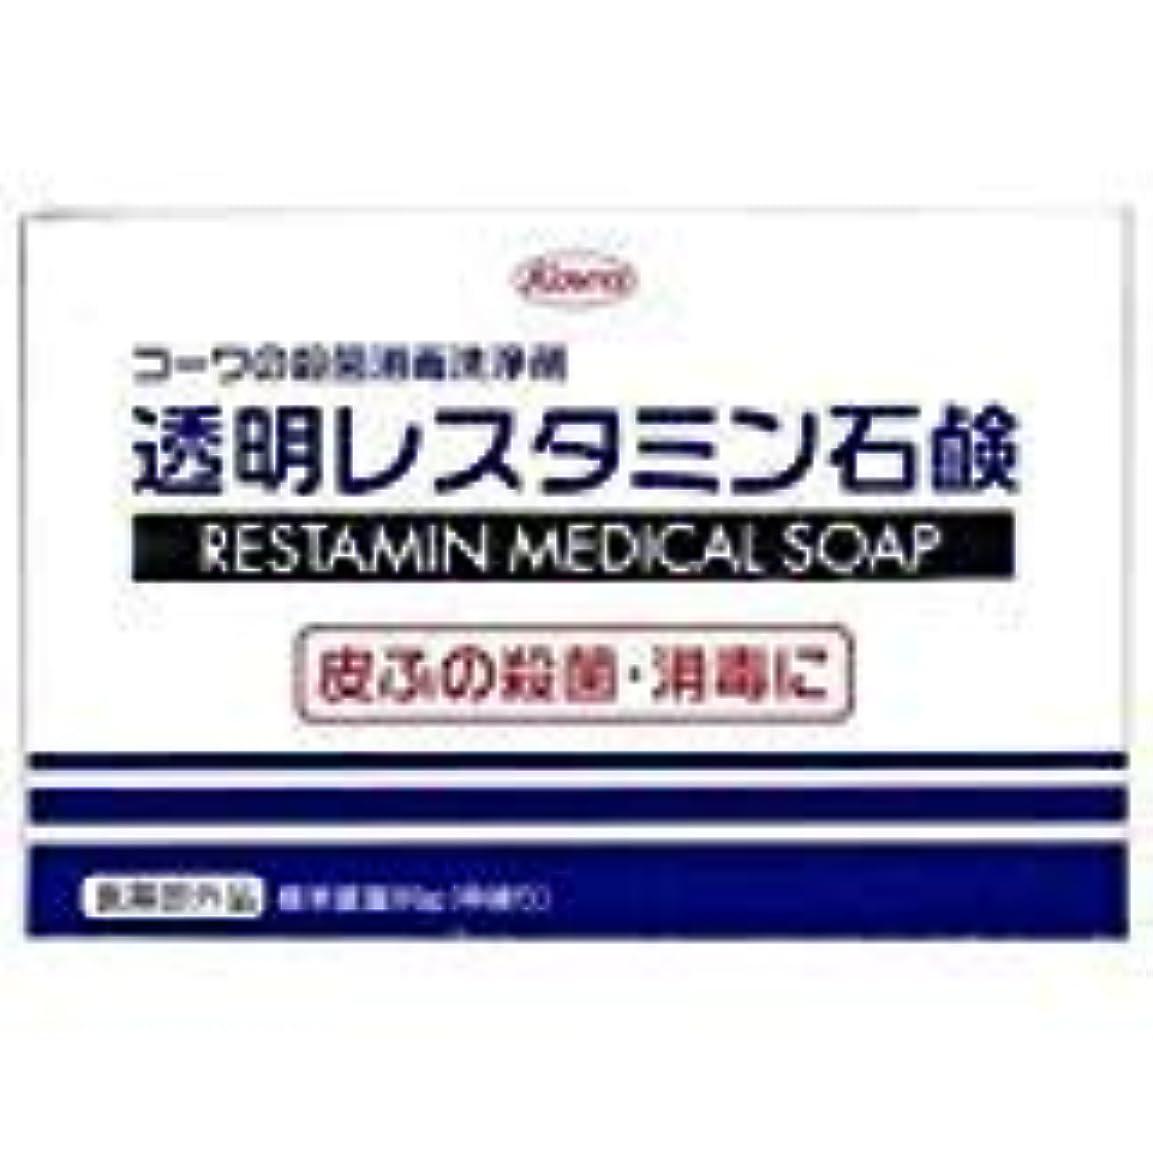 リハーサルバット二度【興和】コーワの殺菌消毒洗浄剤「透明レスタミン石鹸」80g(医薬部外品) ×20個セット